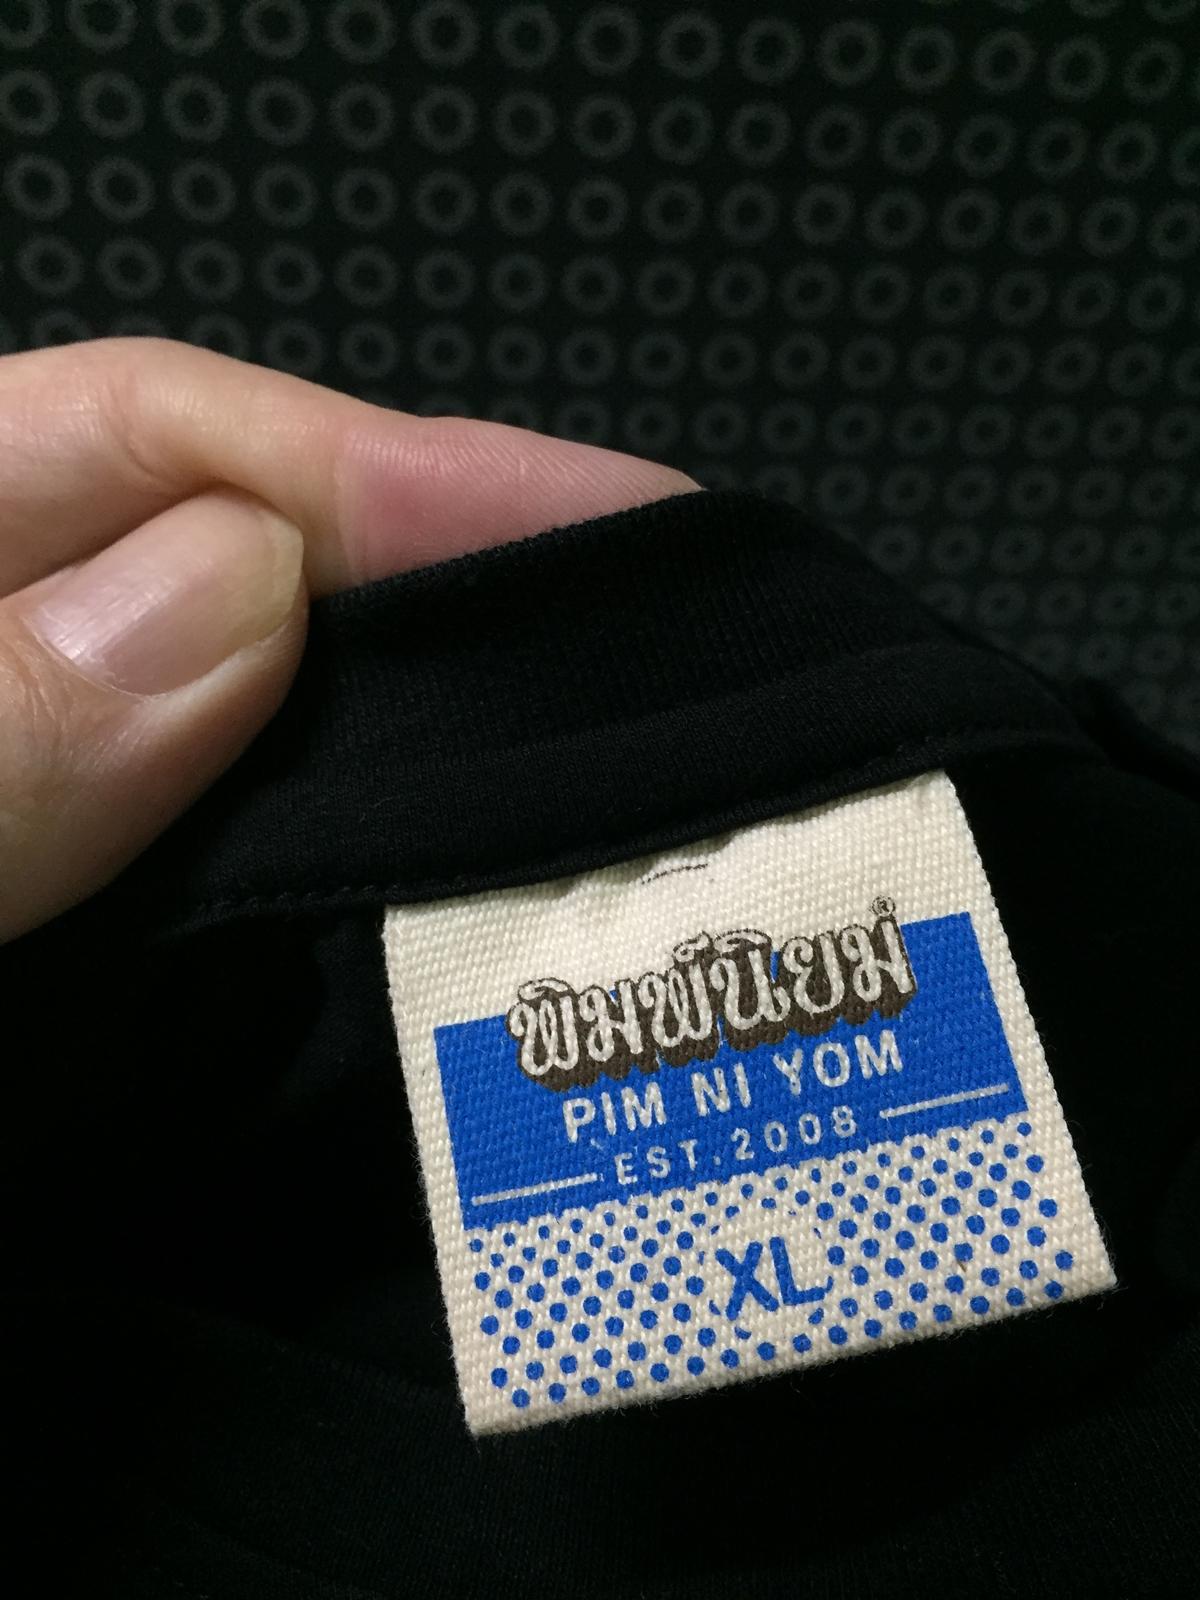 เสื้อยืดคอกลมซุปเปอร์พรีเมี่ยม เนื้อผ้าคอตตอน 100%